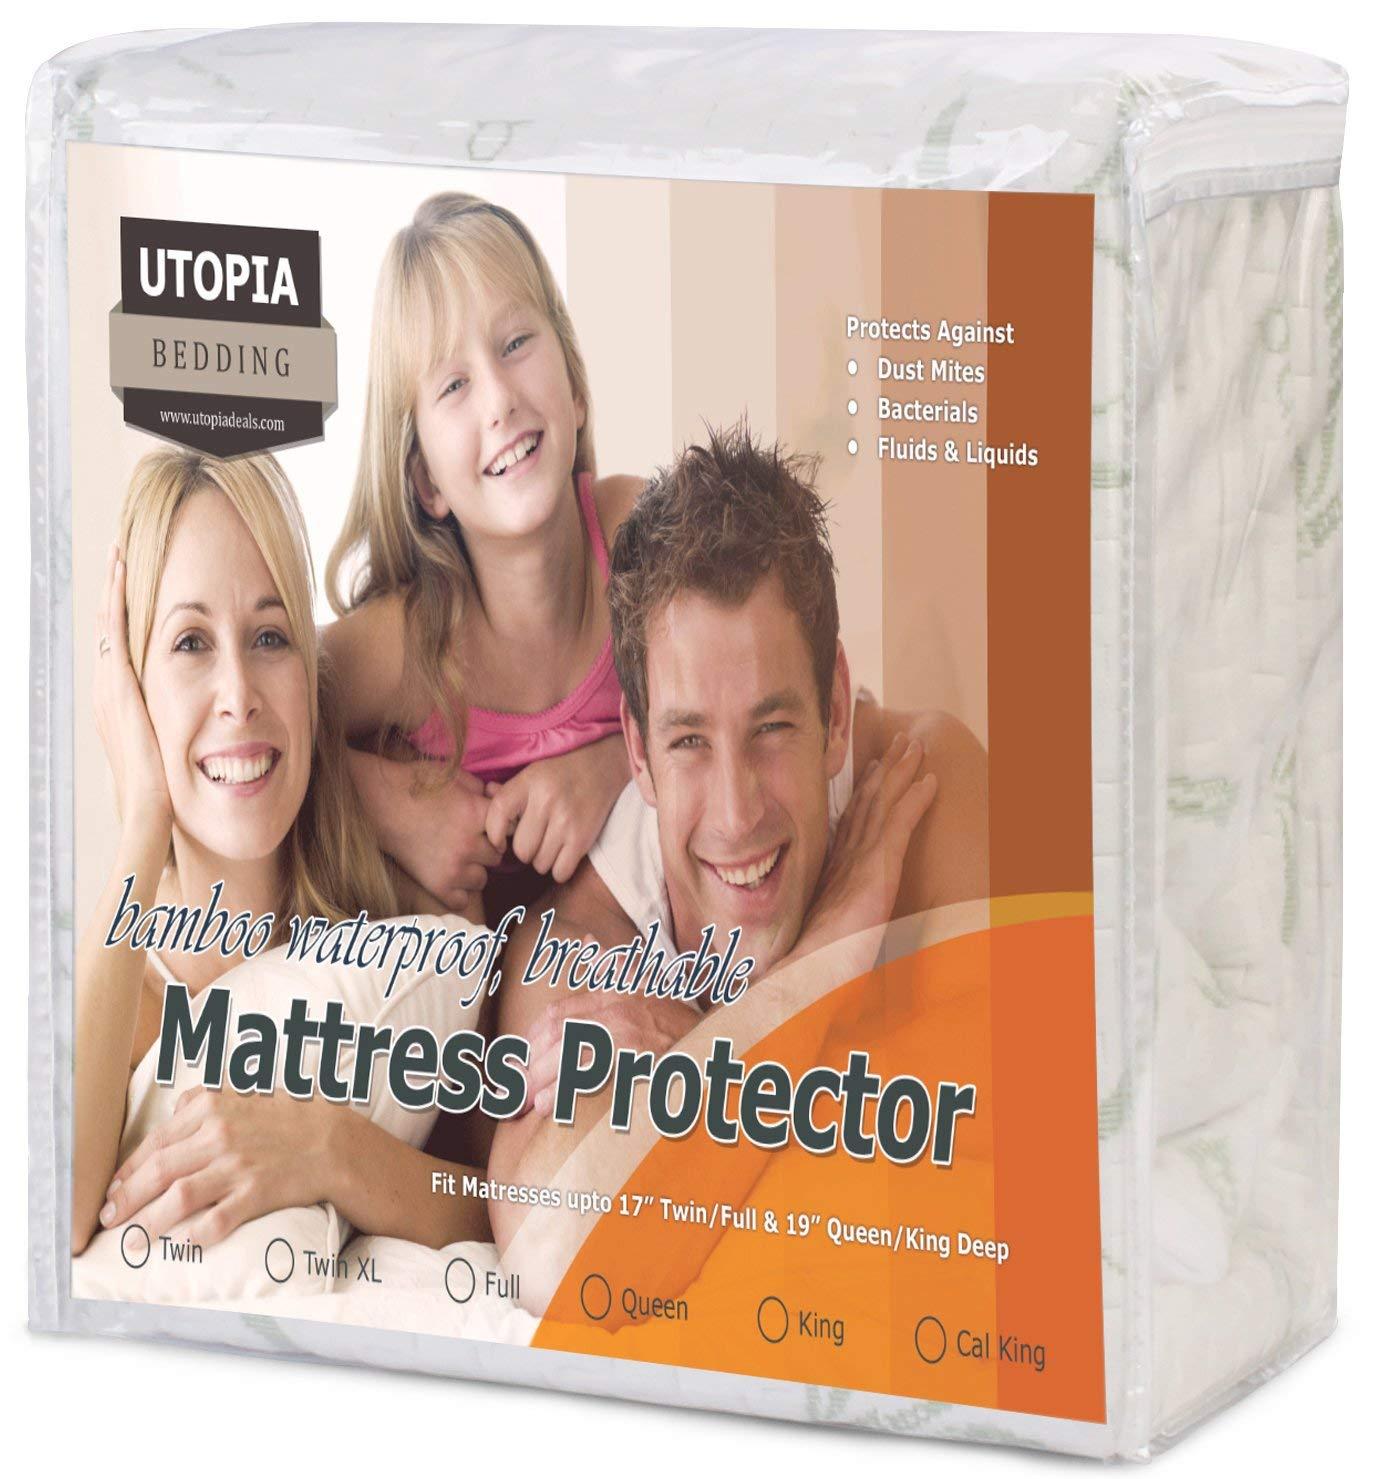 Utopia Waterproof Mattress Protector